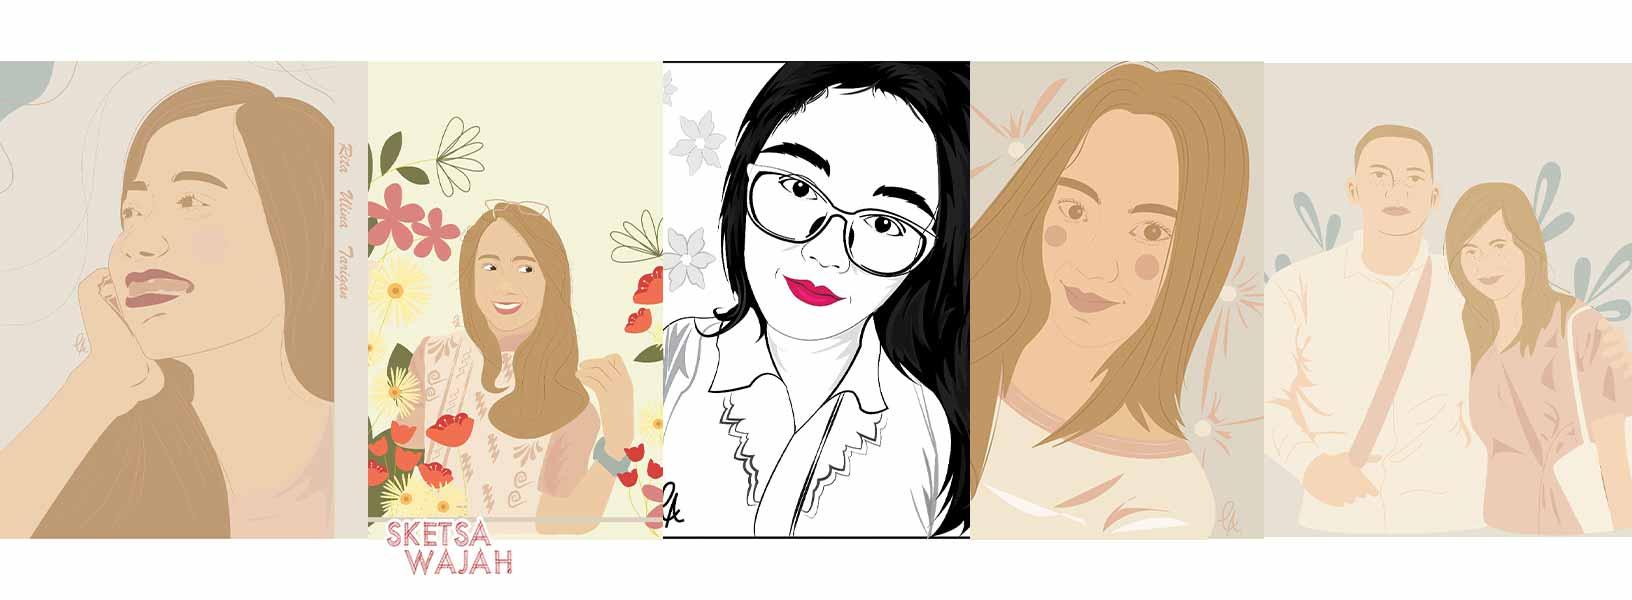 Karya Loise Anggraini sketcher Sketsa Wajah